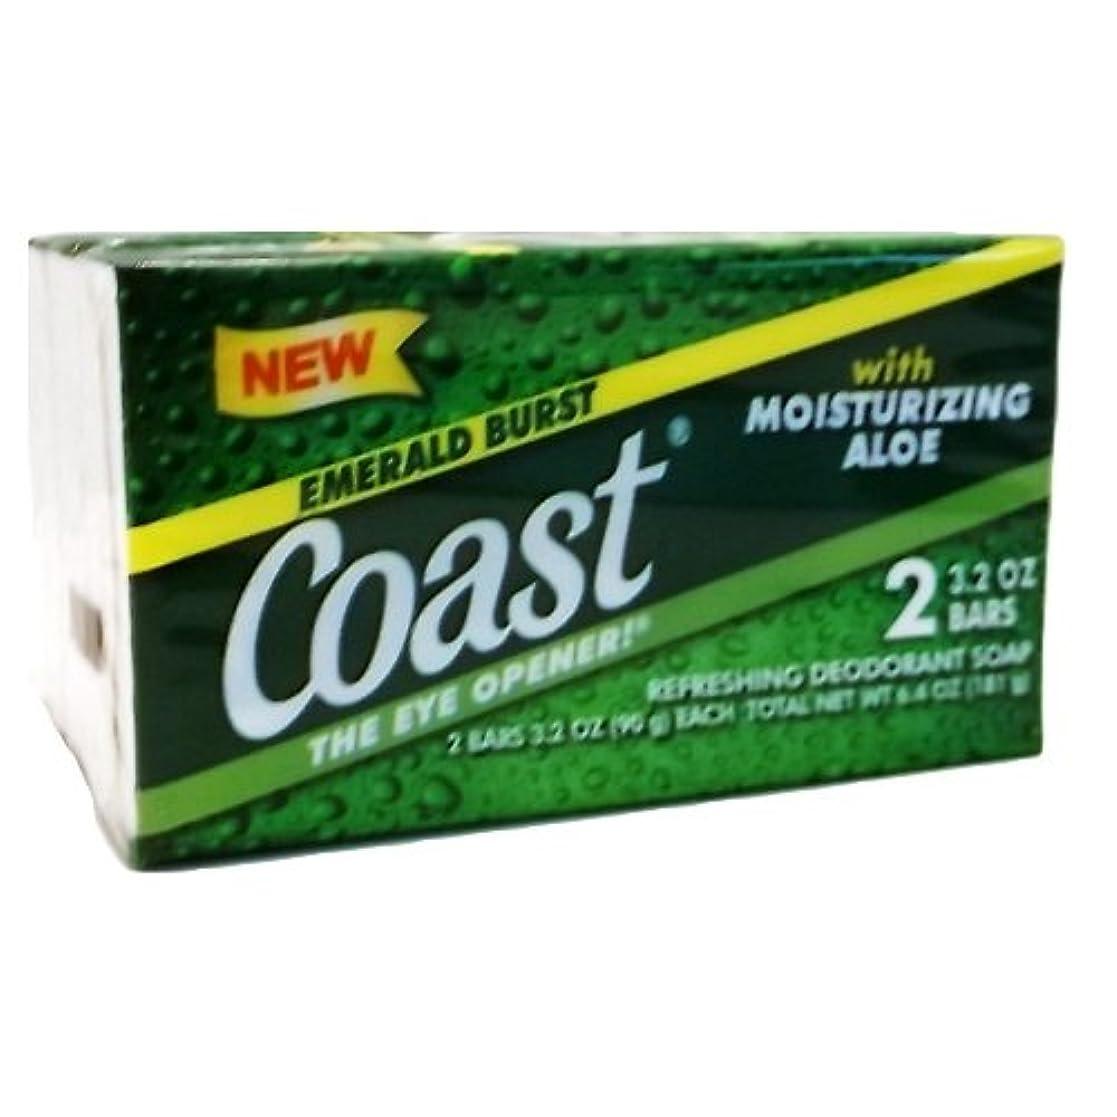 ラケット補体スロットコースト(Coast) 石けんエメラルドバースト2個入り×24パック(48個)